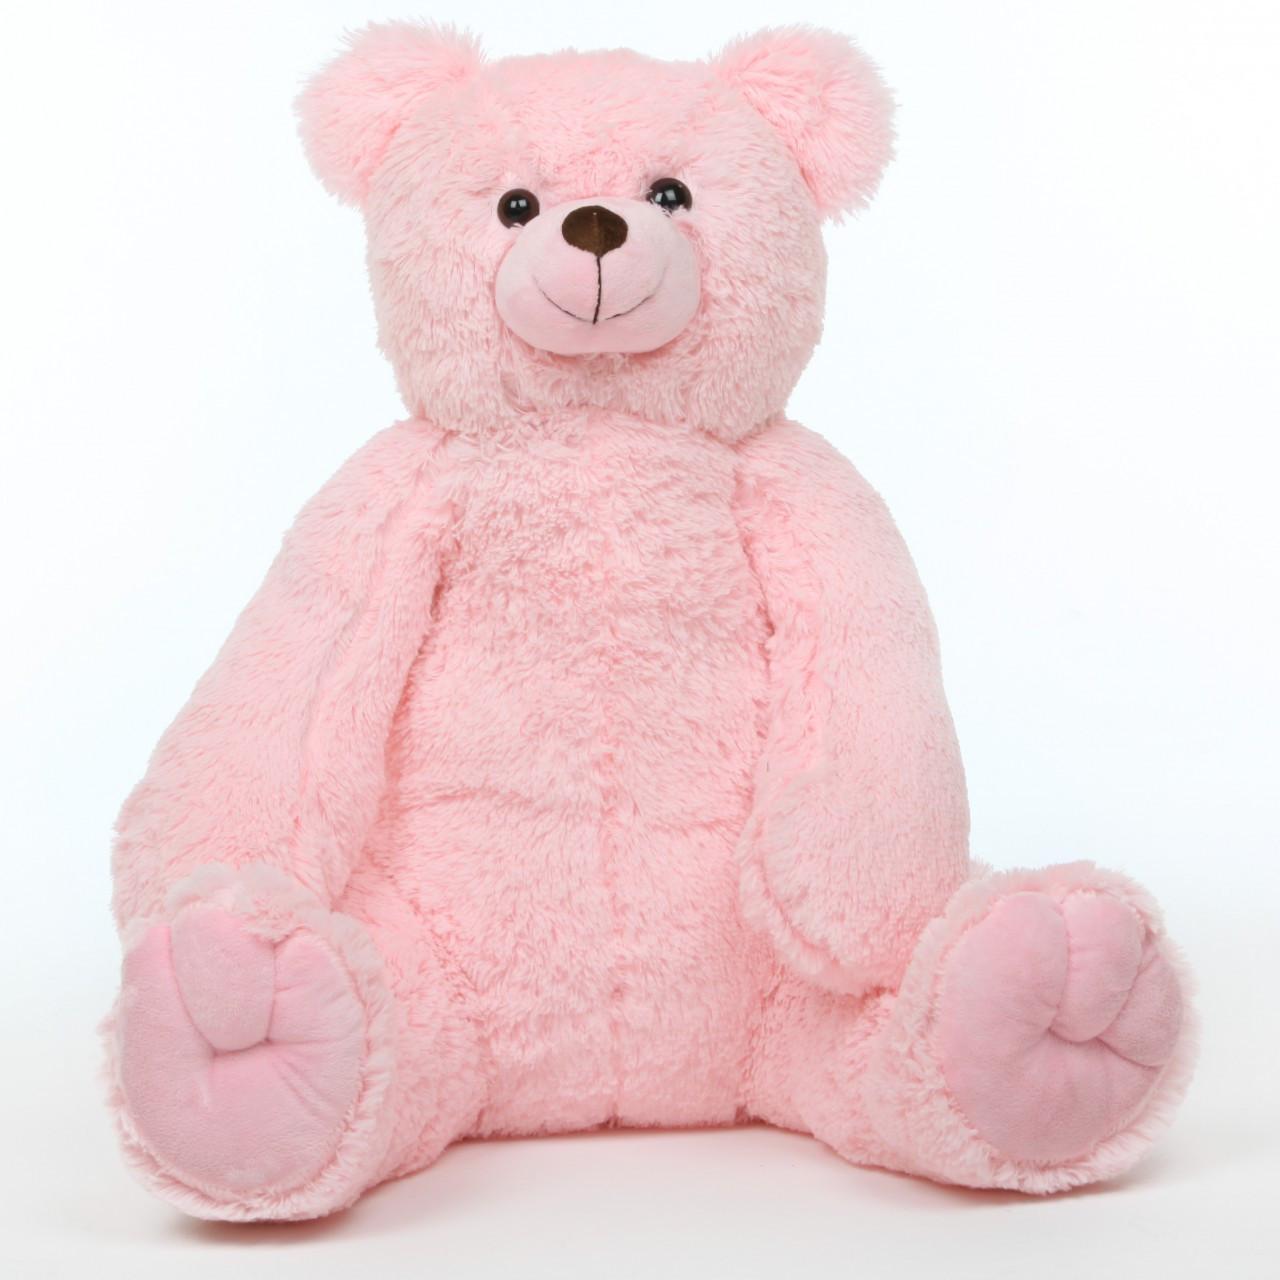 Darling Tubs pink teddy bear 32in